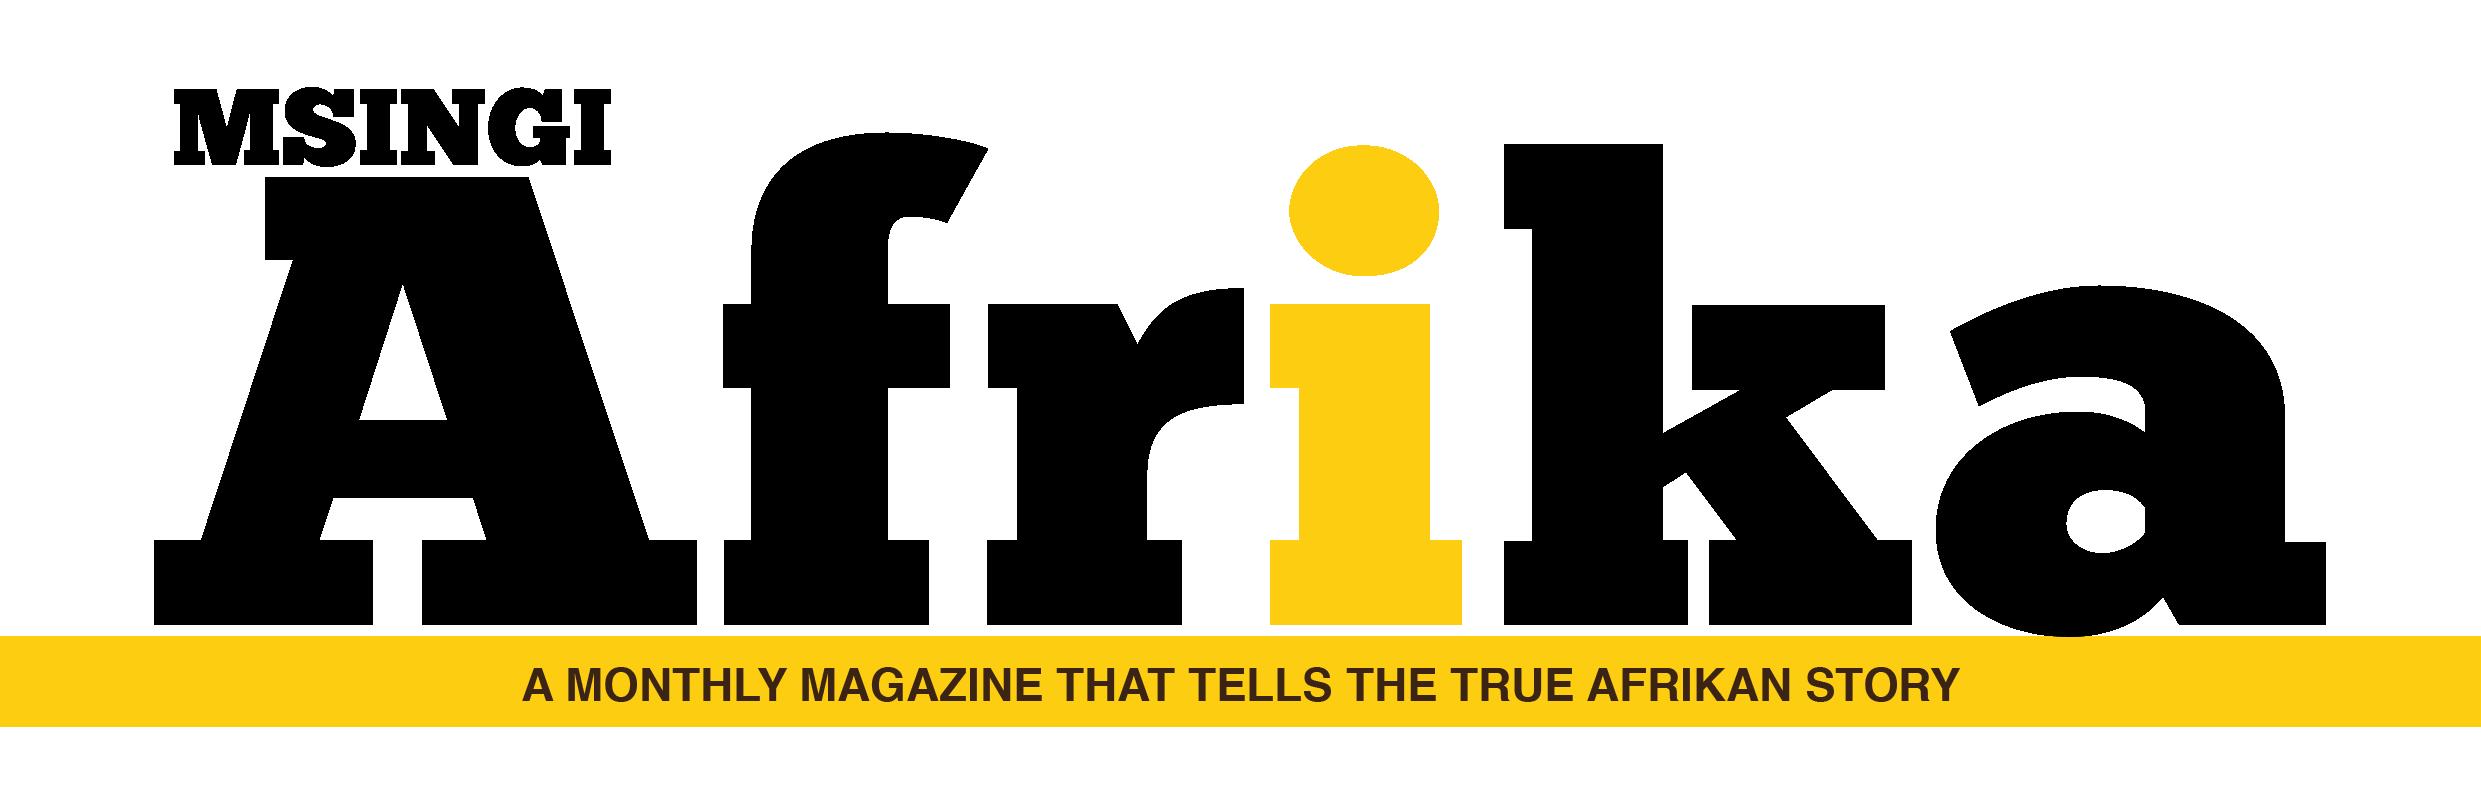 Msingi Afrika Magazine